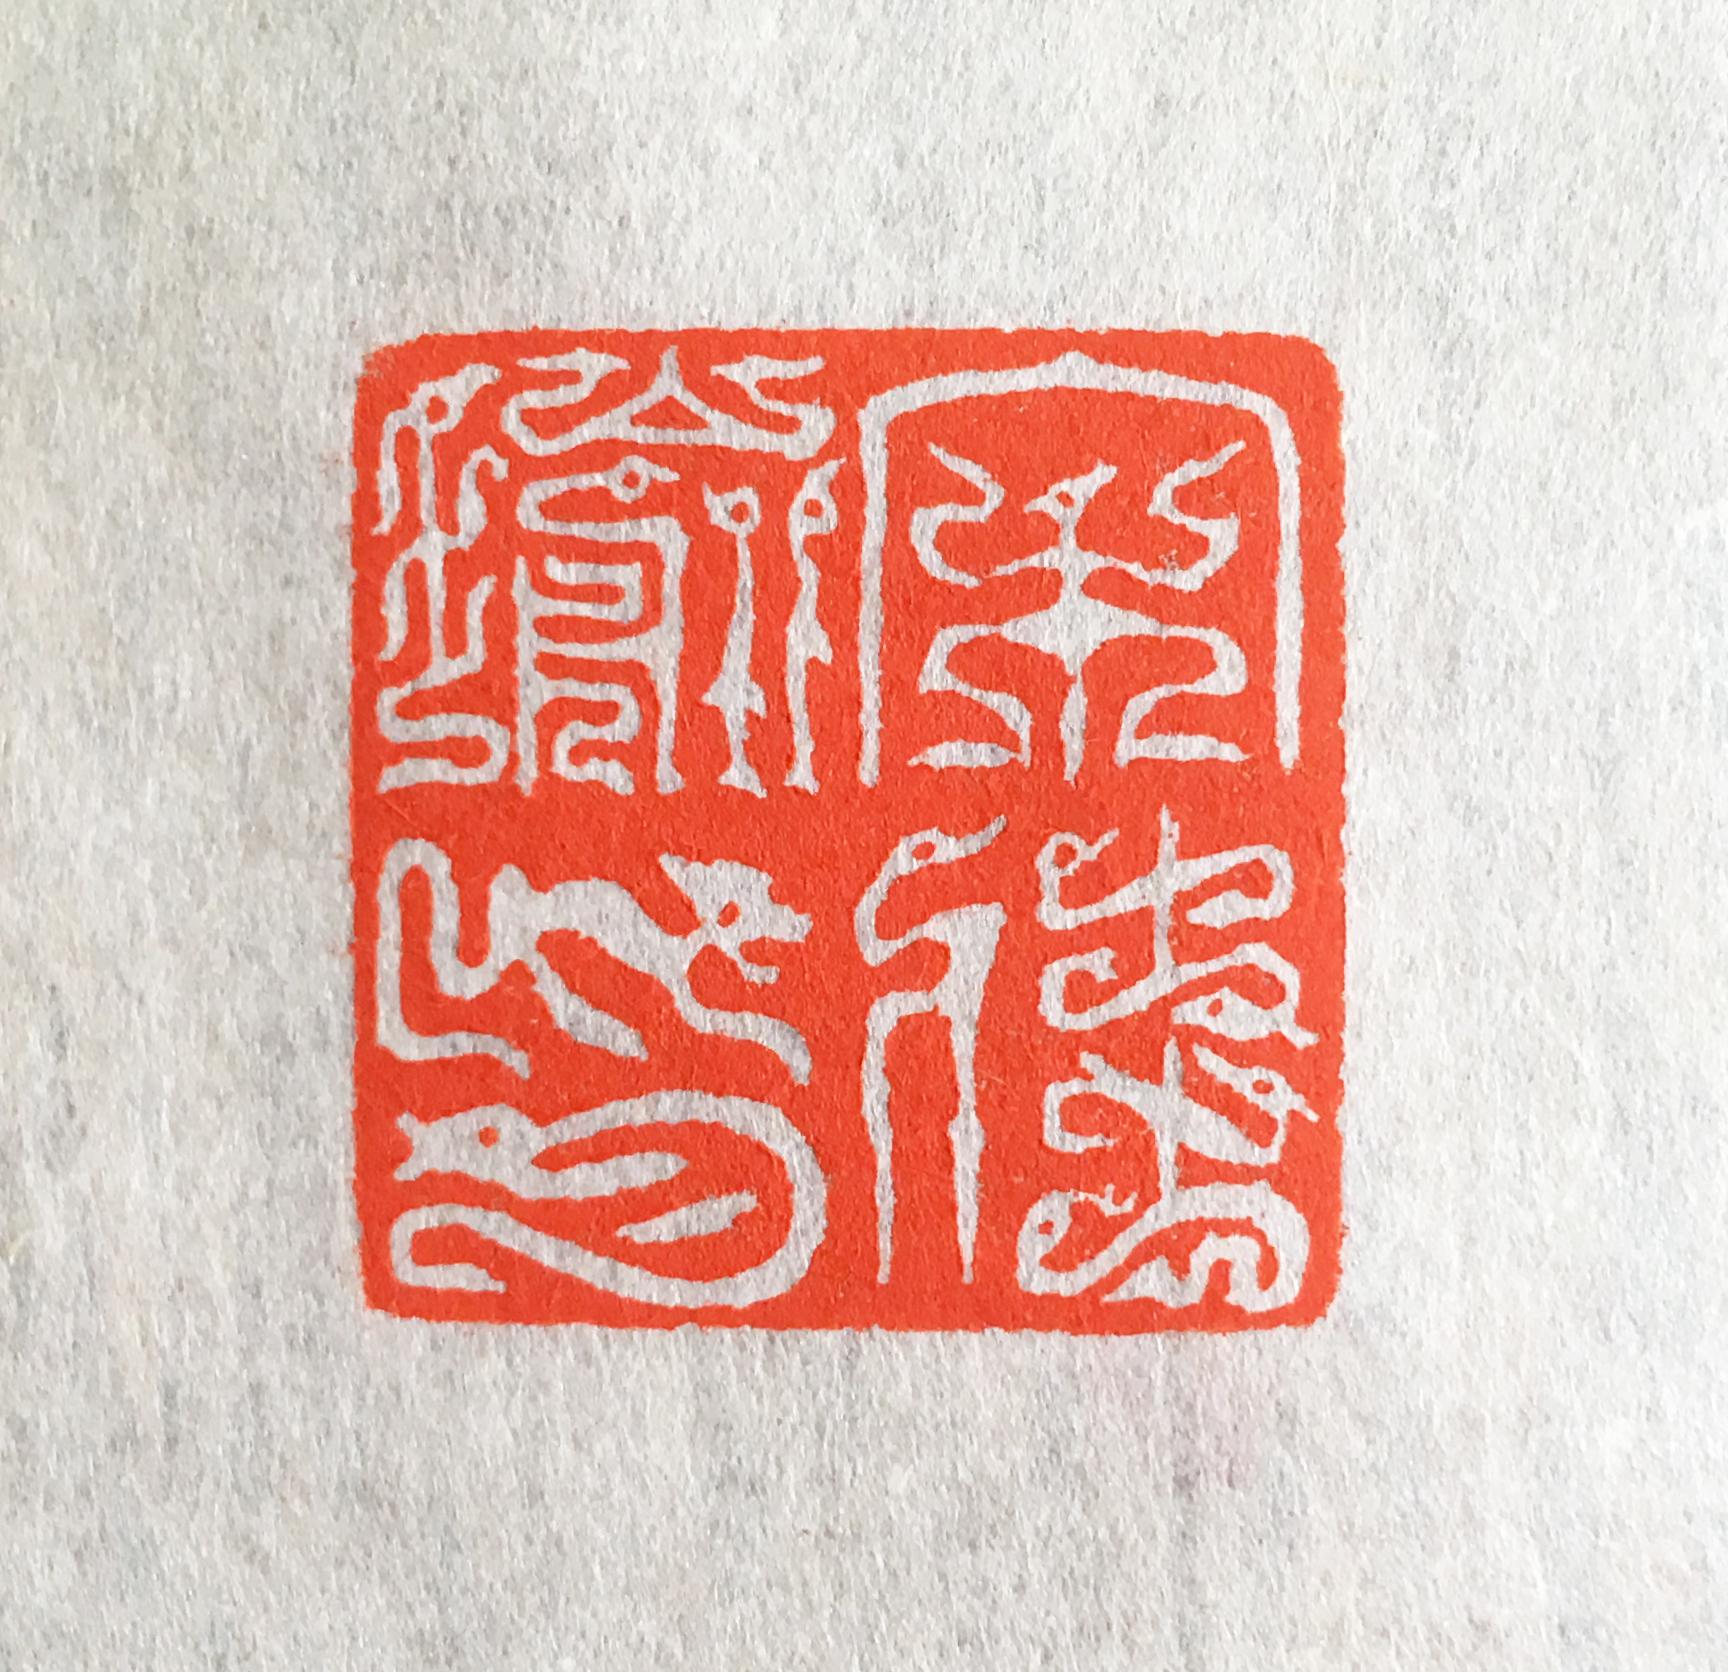 宋佳瑜 (鳥蟲篆) Bird worm script for Jia Sung